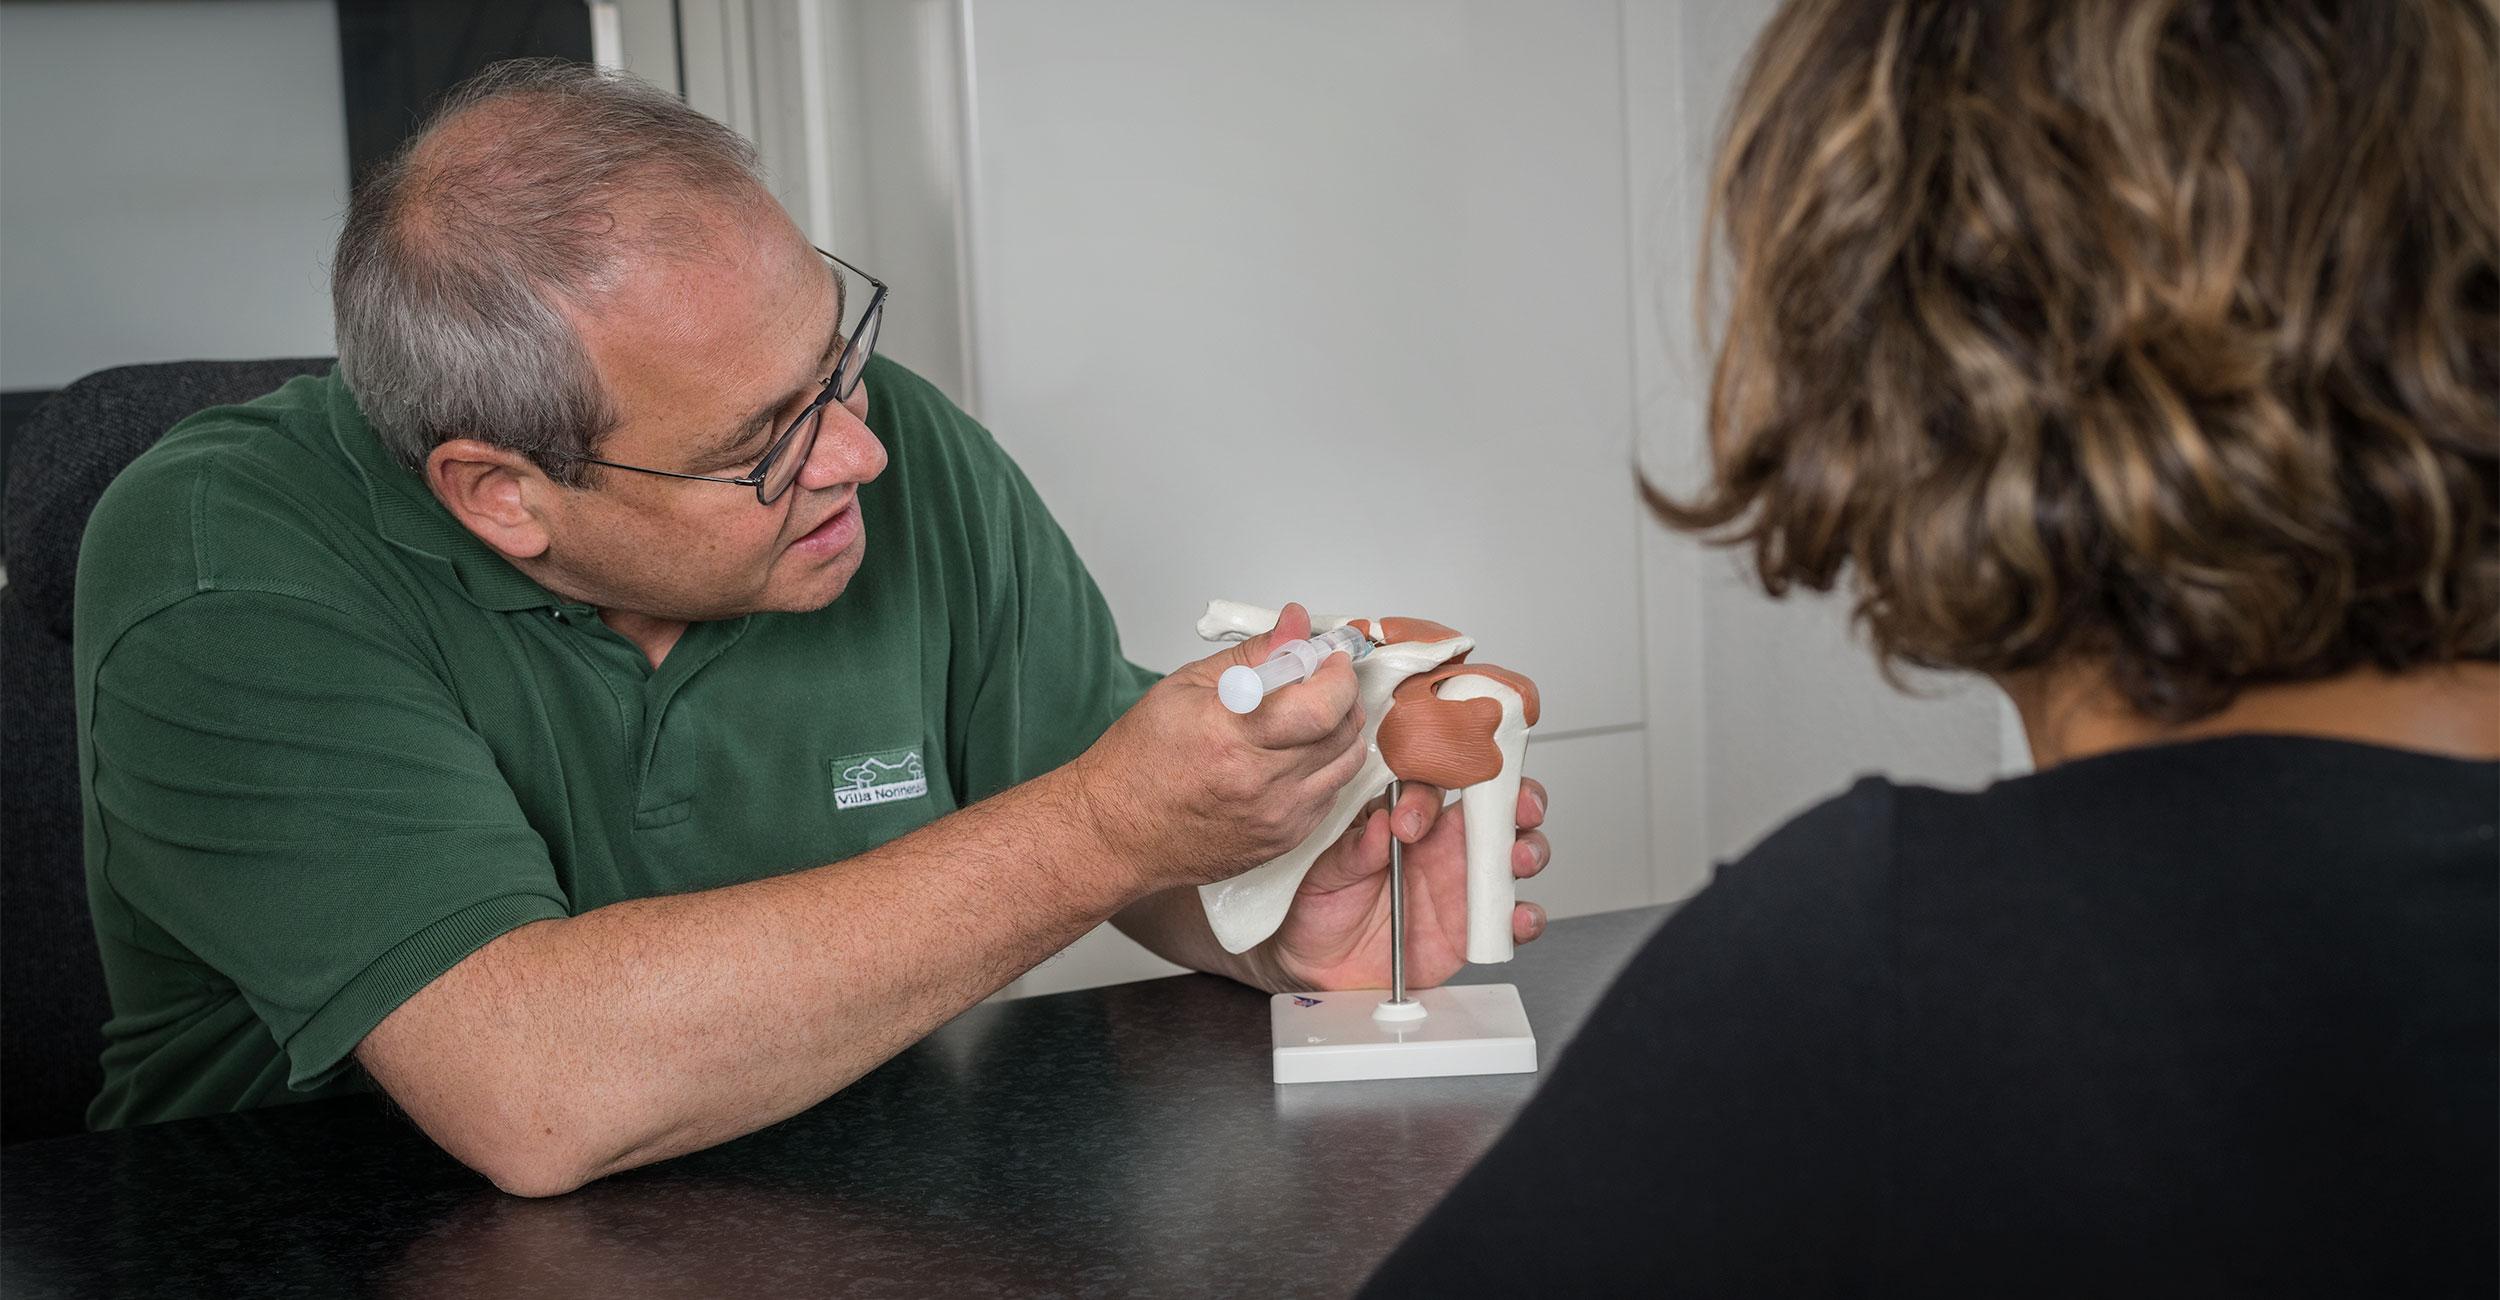 Untersuchung des Kniegelenks auf Arthrose